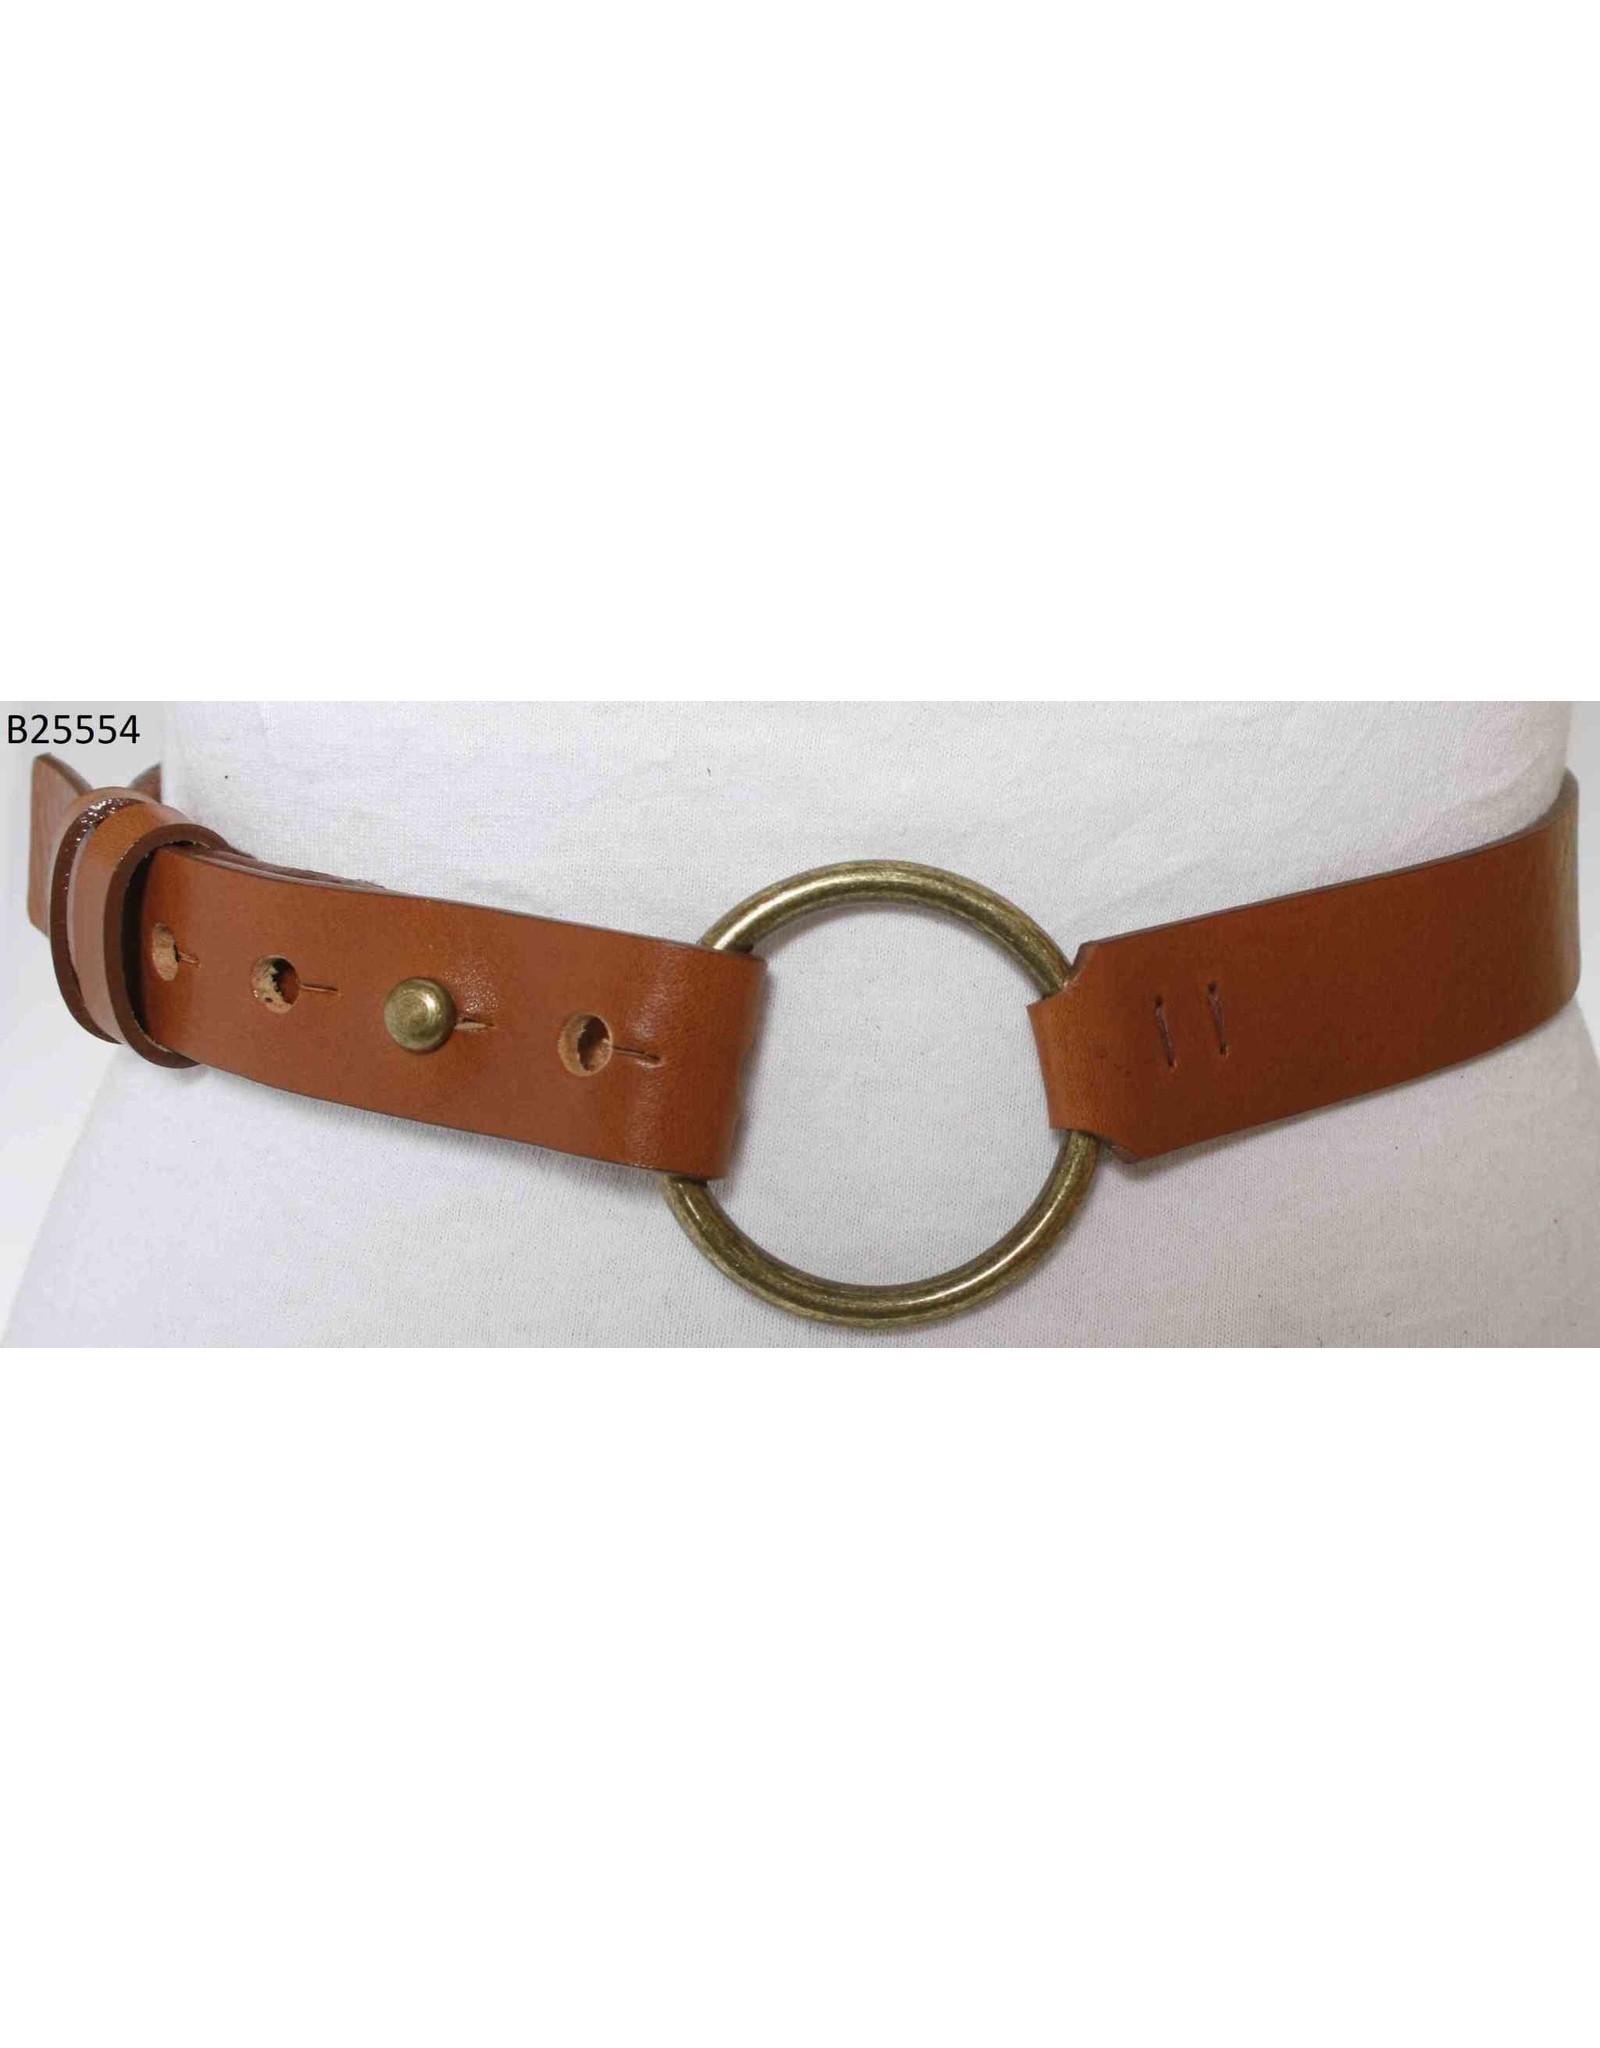 Medike Landes Medike Landes - Lyla camel leather belt with front ring